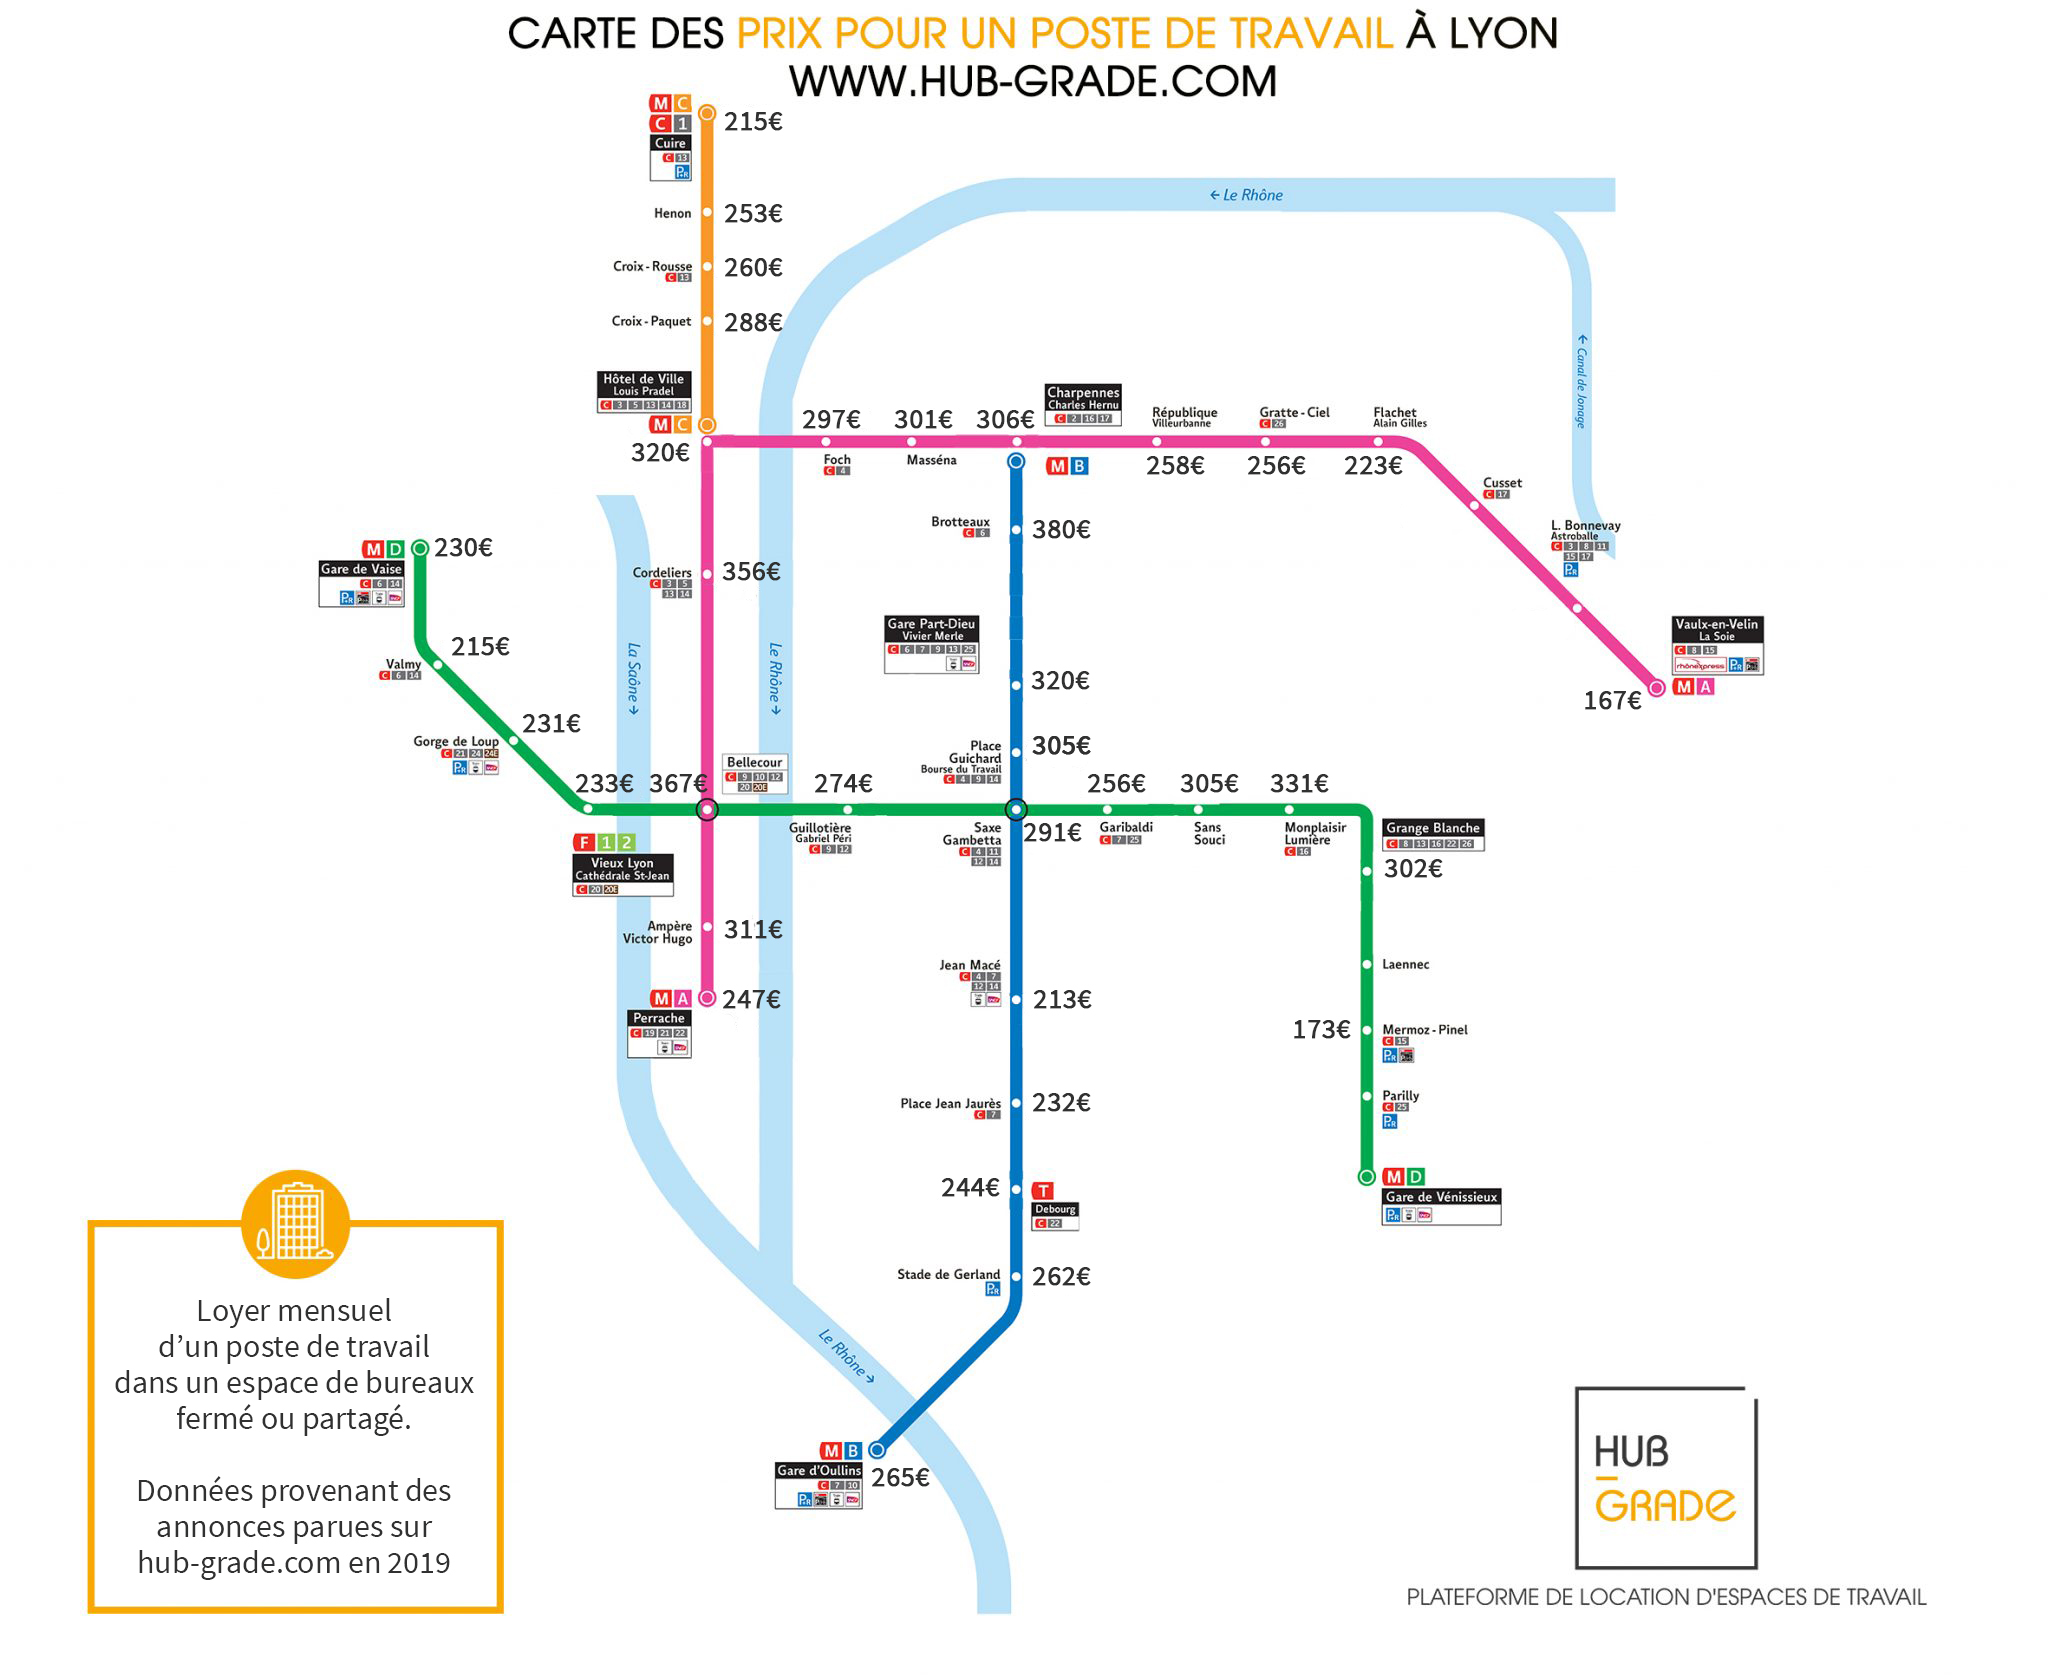 Prix d'un poste de travail à Lyon par station de métro